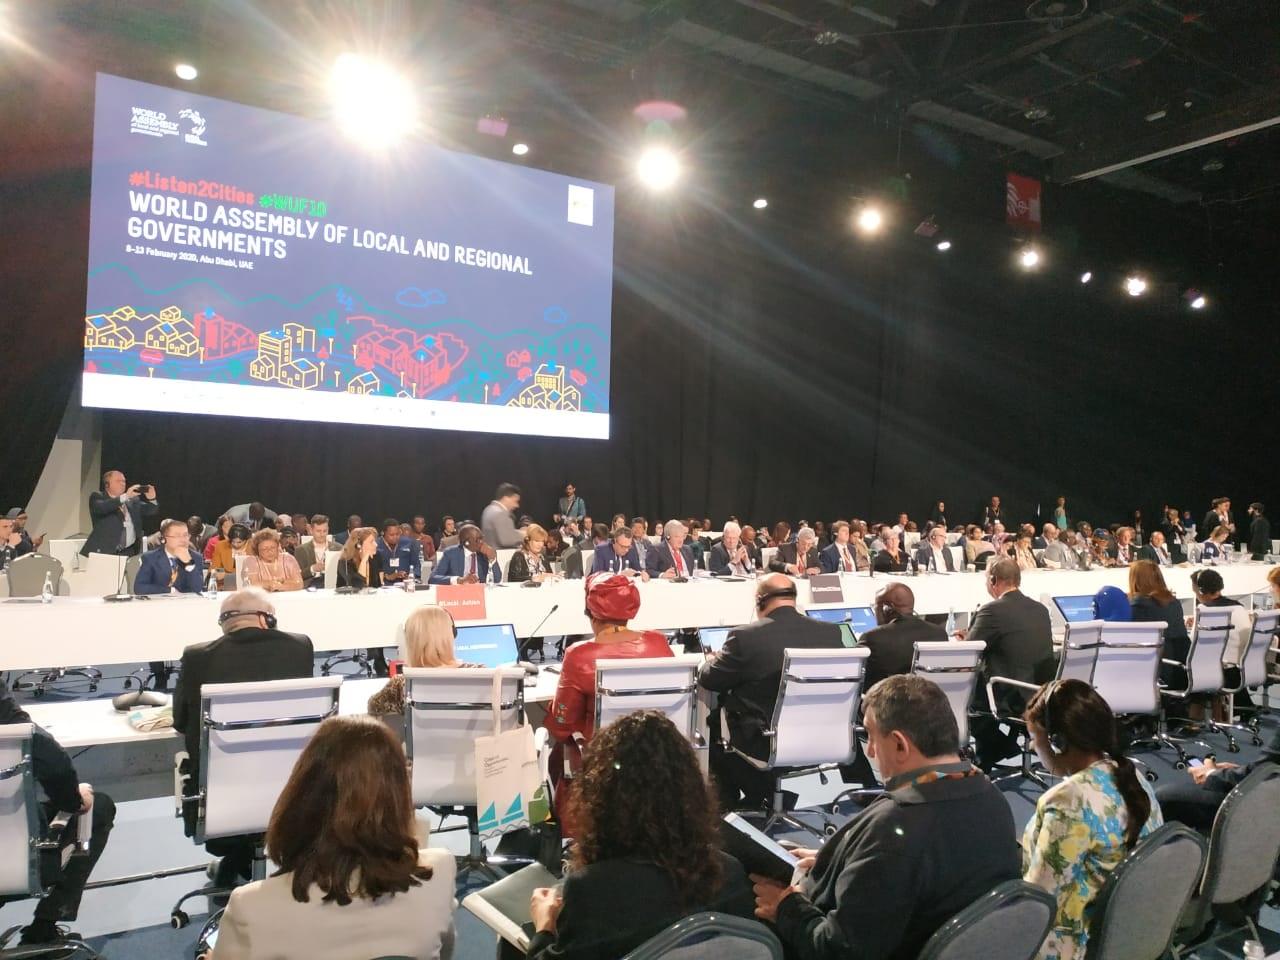 CESAL MUESTRA UNA METODOLOGÍA DE PLANIFICACIÓN URBANA Y SOCIAL EN EL FORO MÁS IMPORTANTE DEL MUNDO